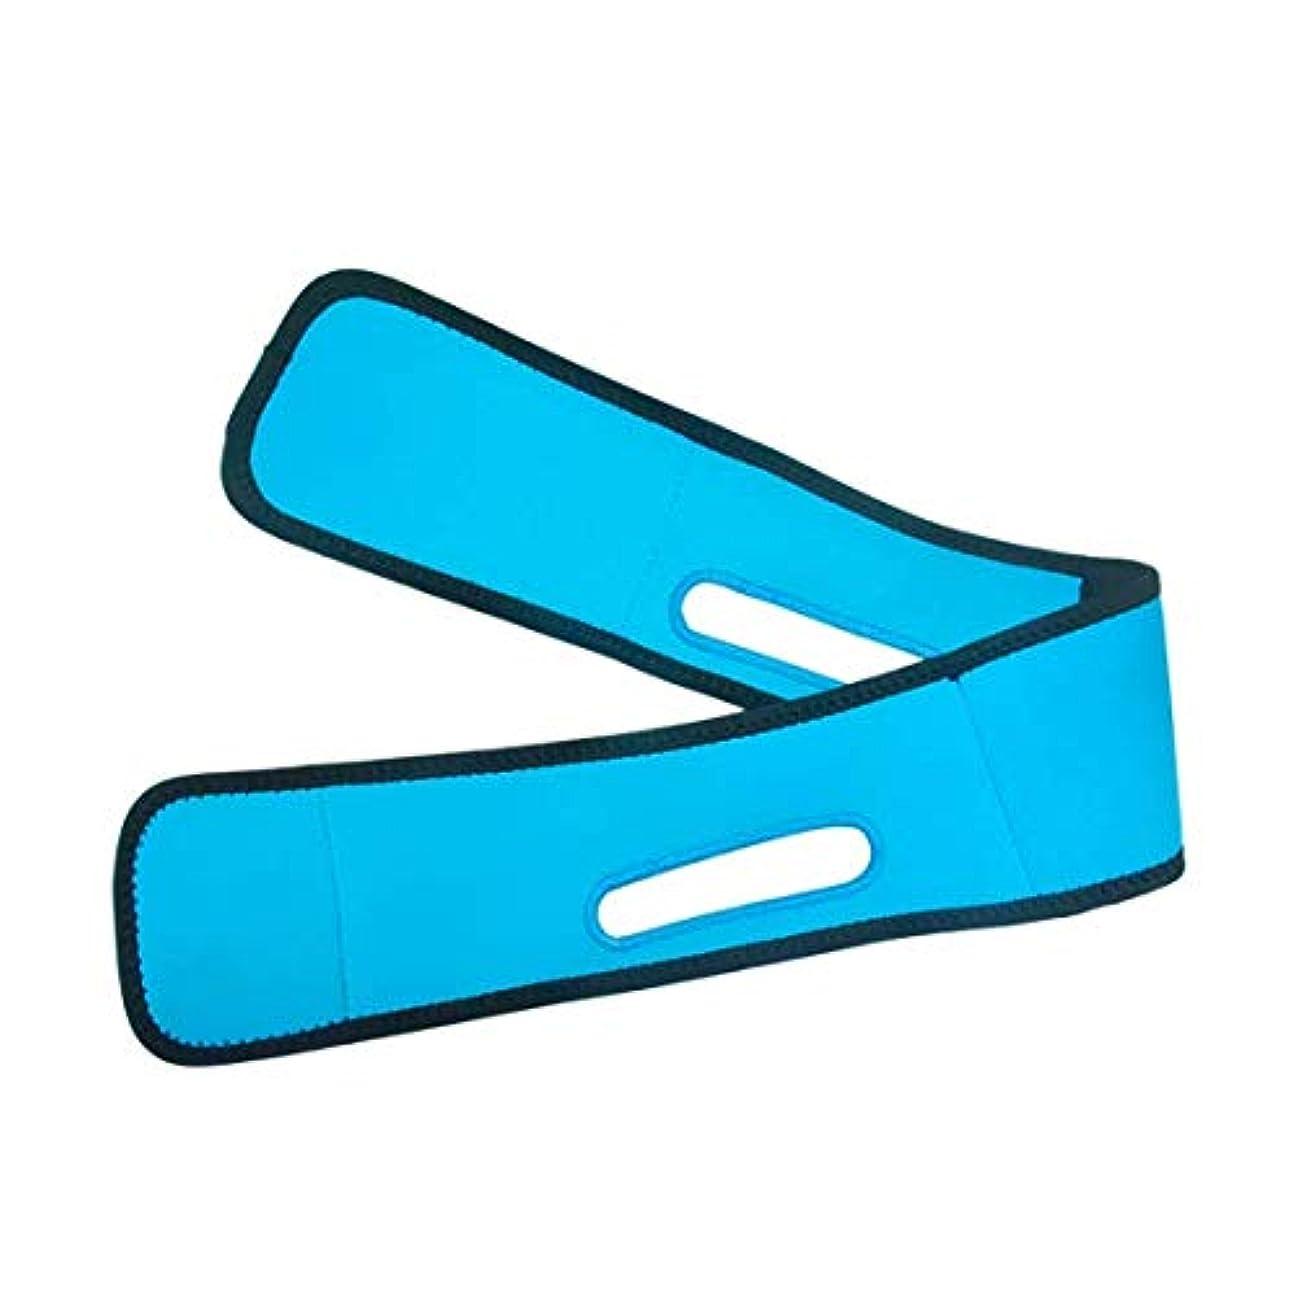 ホームトレイサークルスリミングベルト、フェイスマスクVフェイスアーティファクトマッサージマスクで顎の筋肉の収縮を強化し、Vフェイスリフトのタイトな包帯を簡単に形成